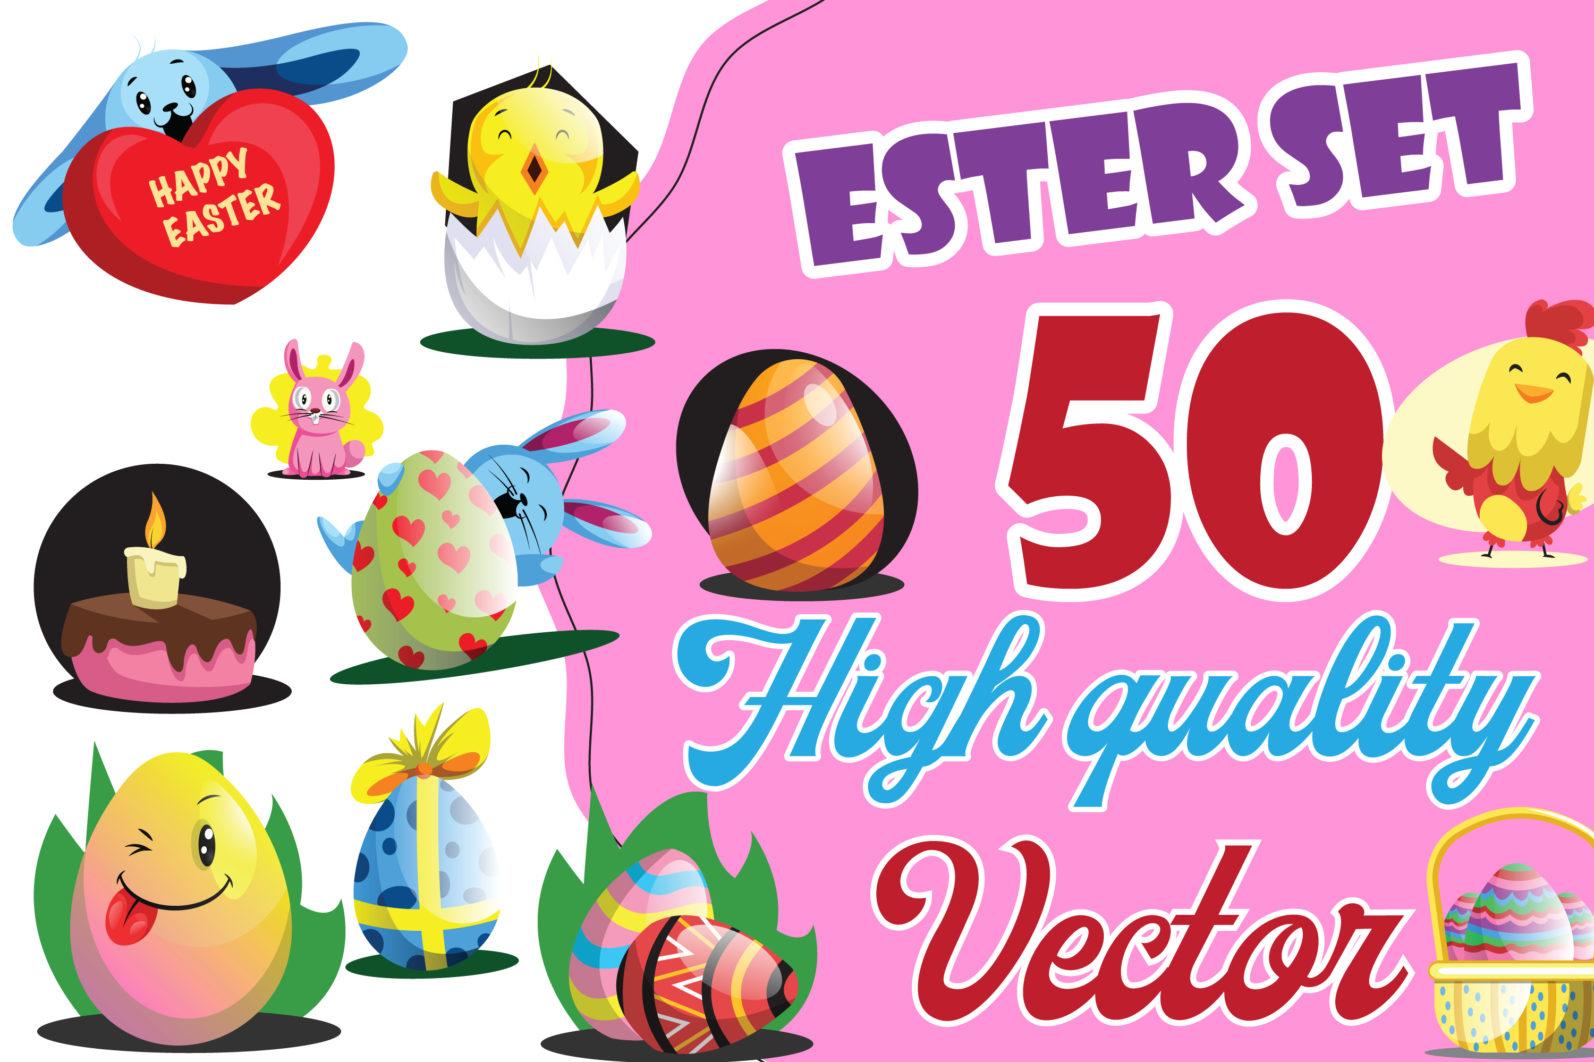 50X Easter Custom illustrations set/collection - 21 Easter Set 50x PRESENTATION IMAGE -